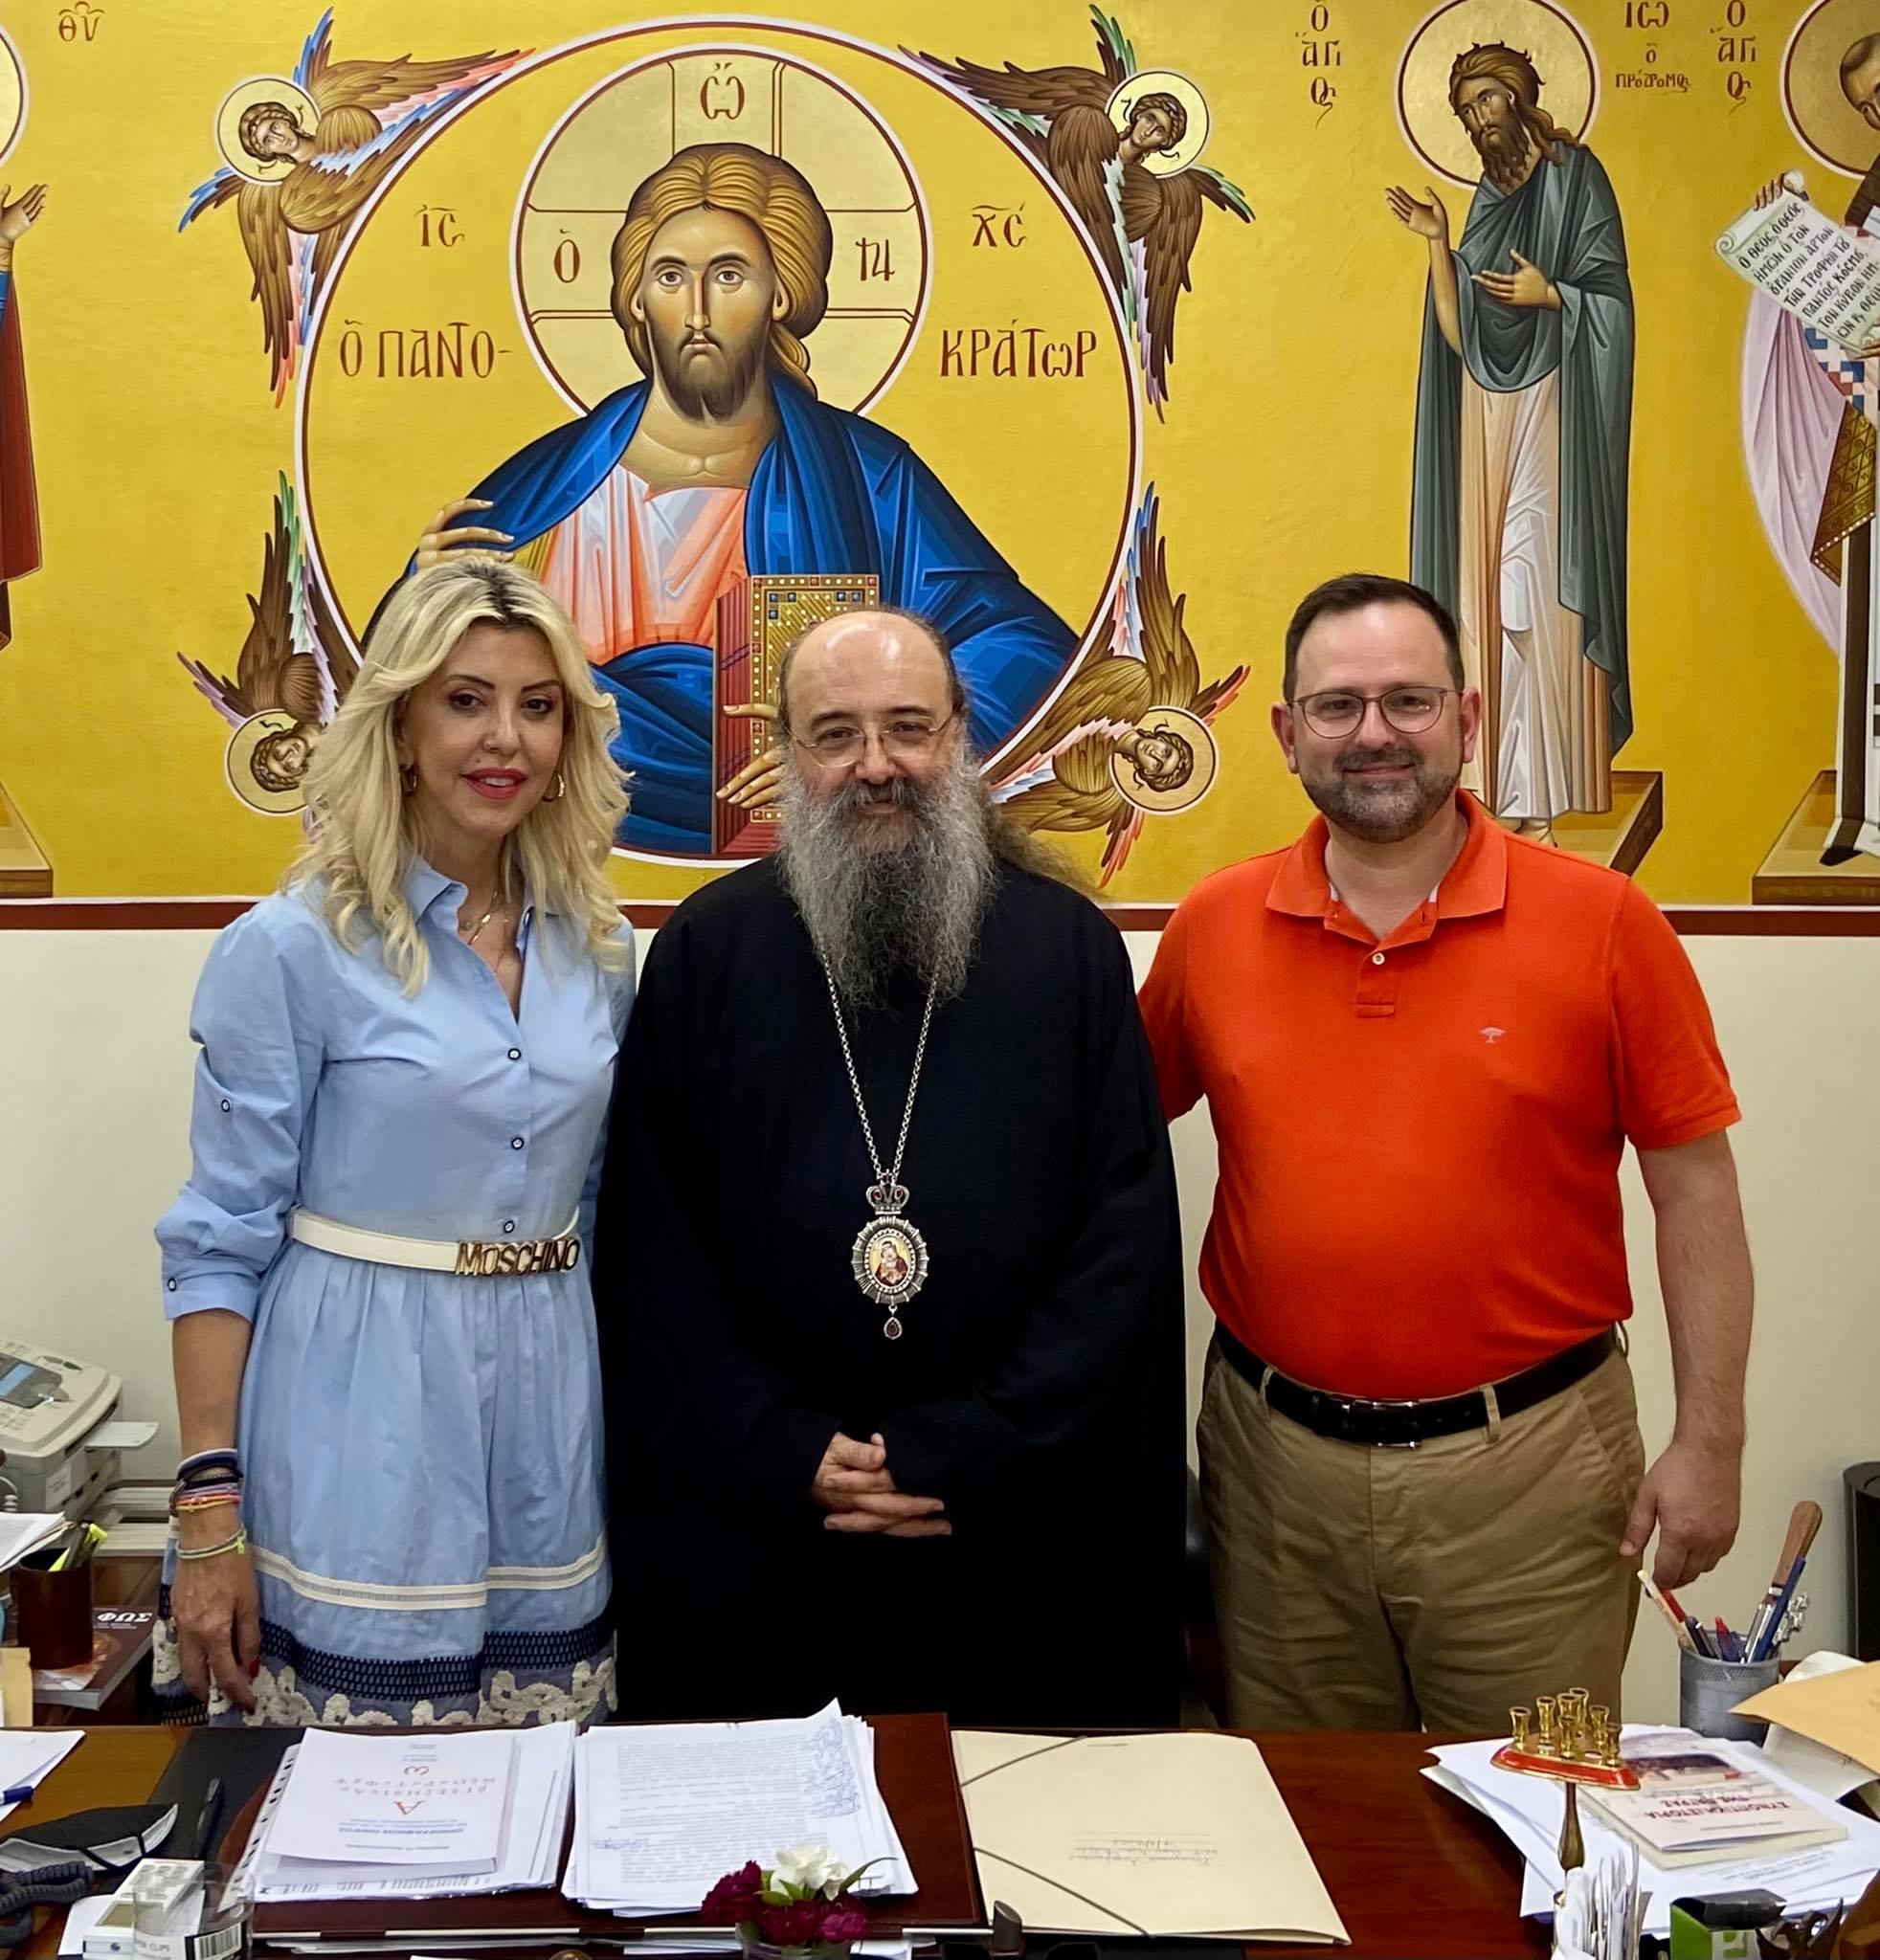 Νίκος Κοροβέσης: «Ο Θρησκευτικός Τουρισμός στο επίκεντρο της Τουριστικής Ανάπτυξης»